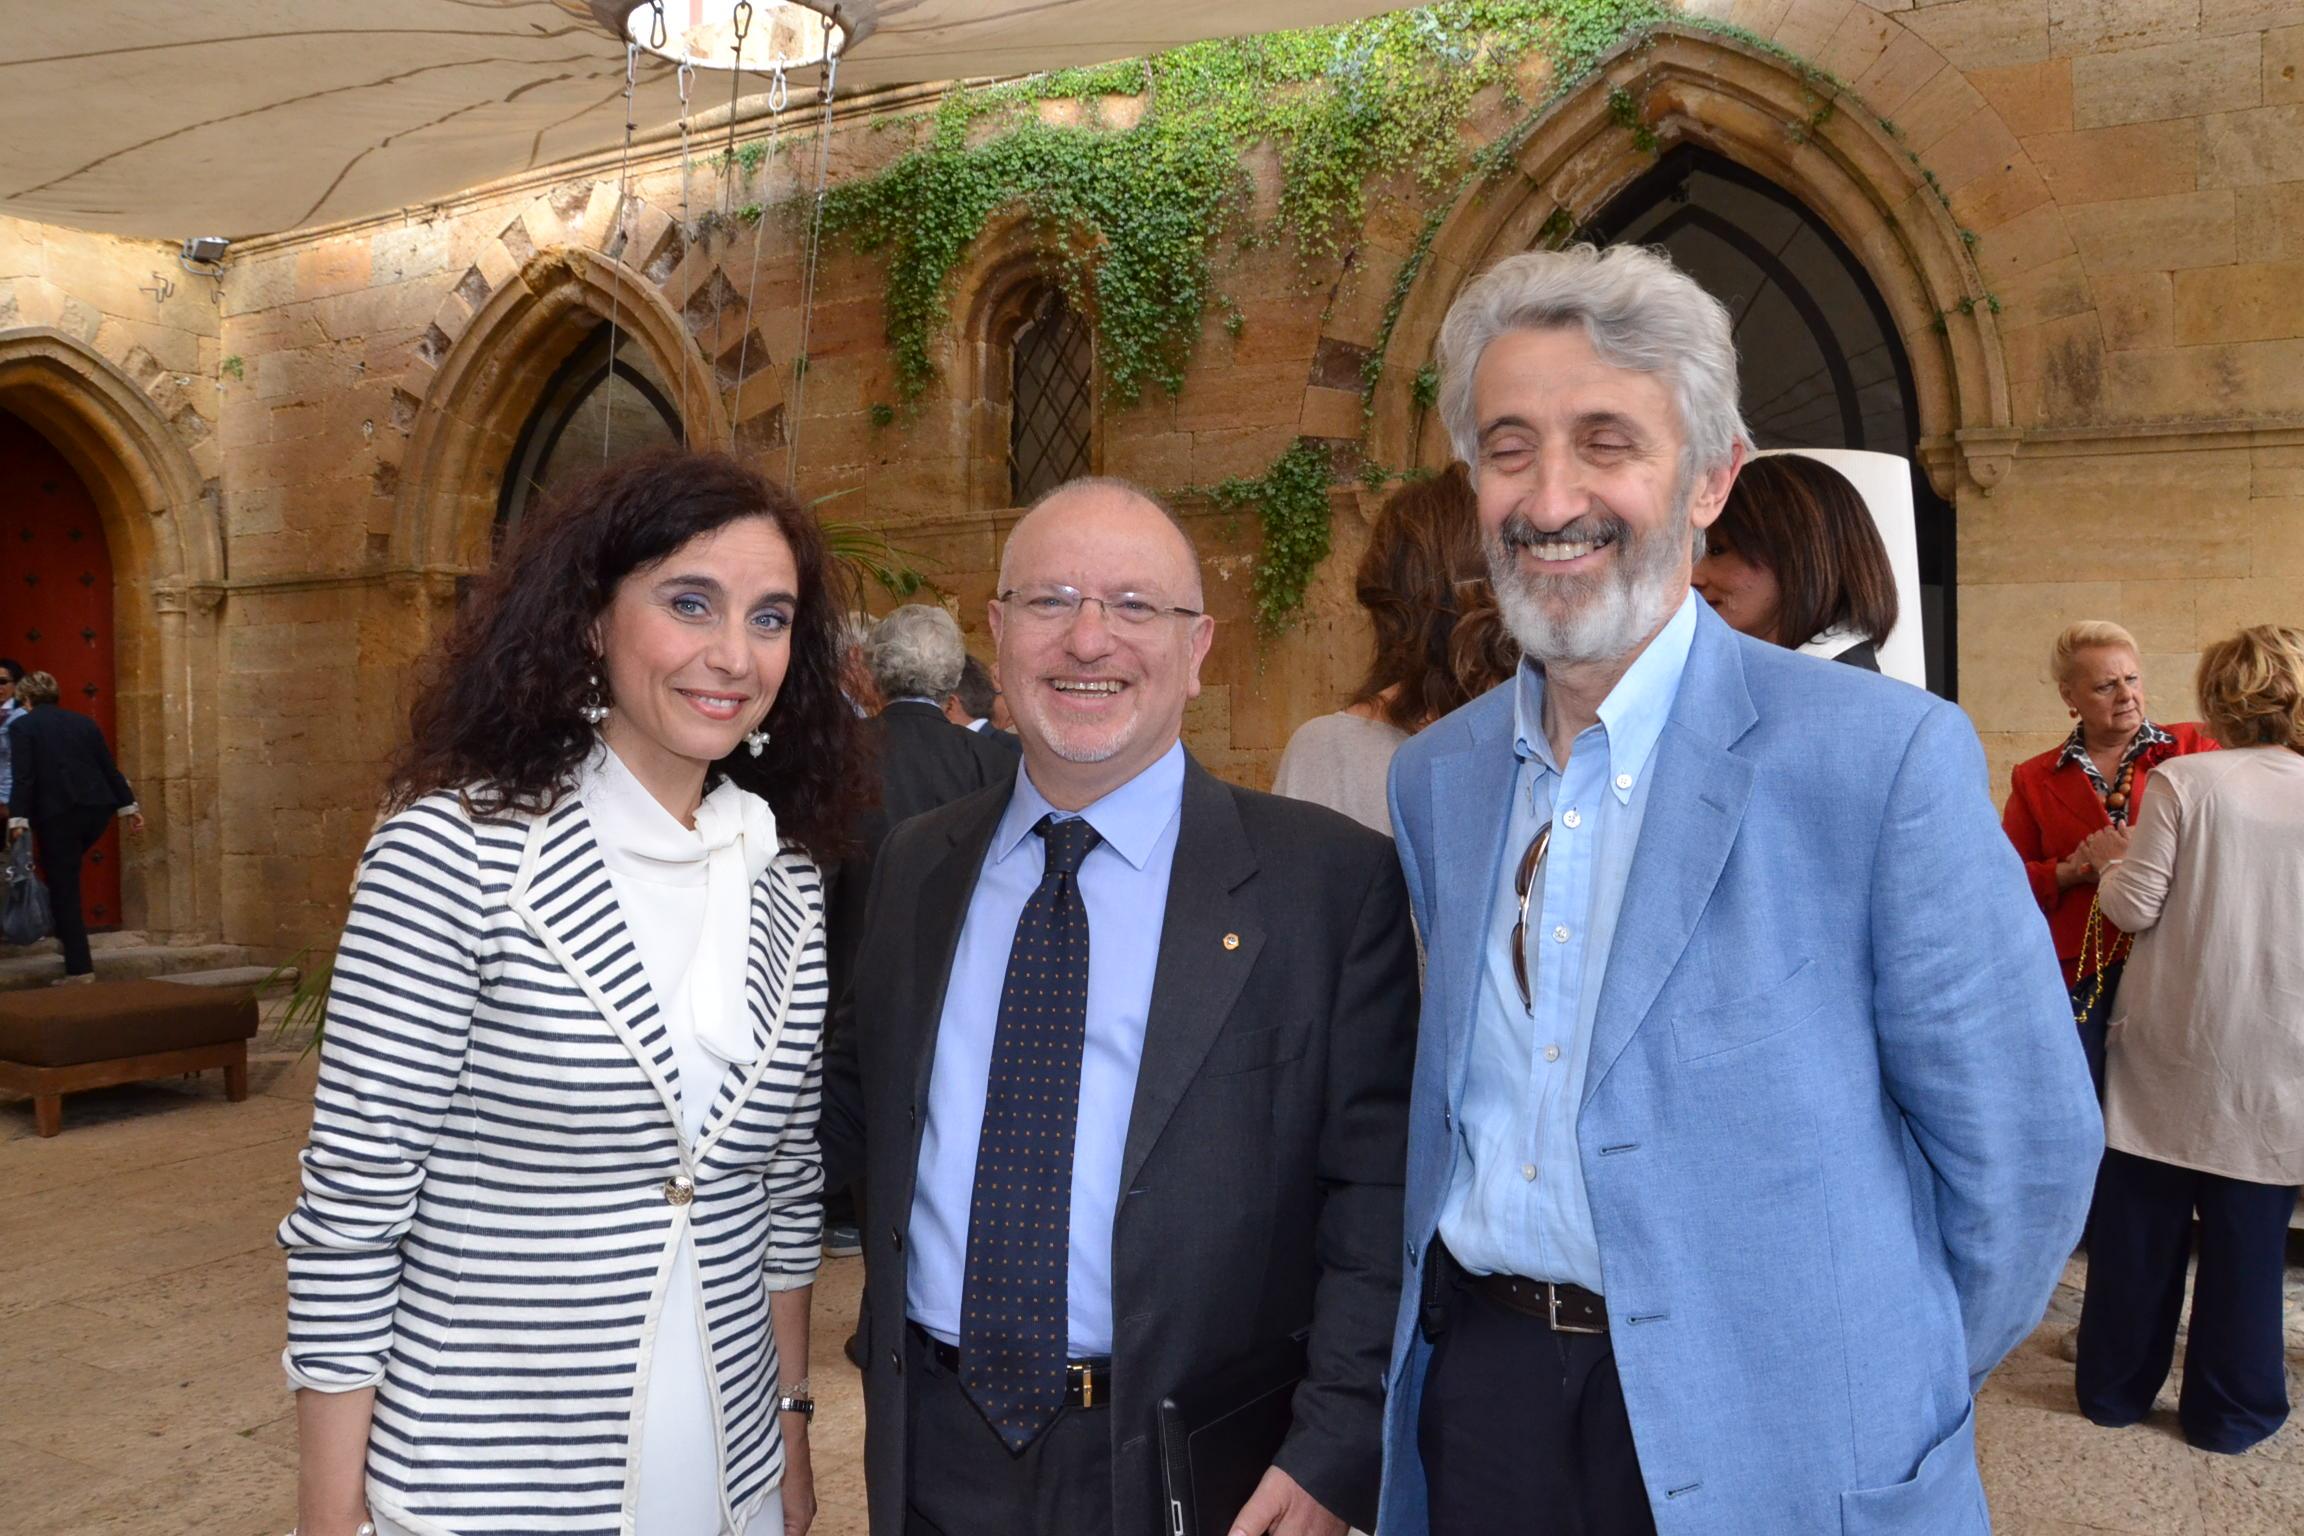 L'avv. Nadia Lionti, il presidente Lions Vincenzo La Rosa e lo scrittore Enzo Russo